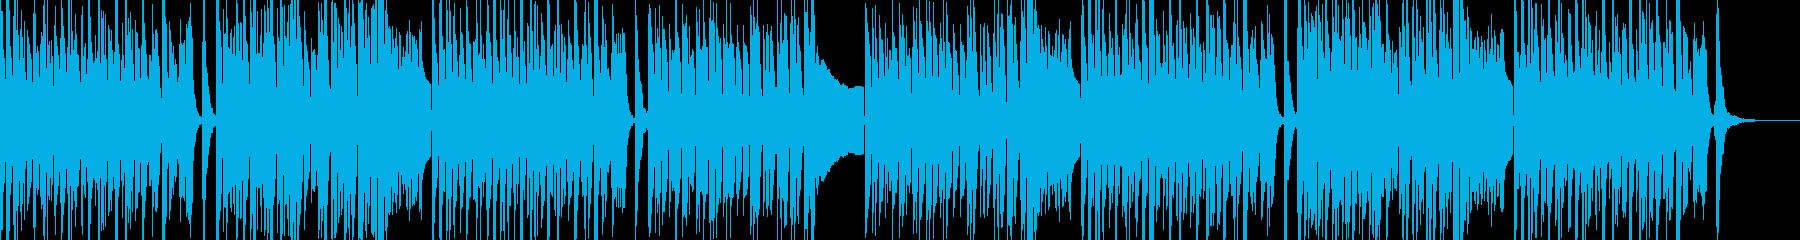 スピード感あるポップなコメディトラックの再生済みの波形